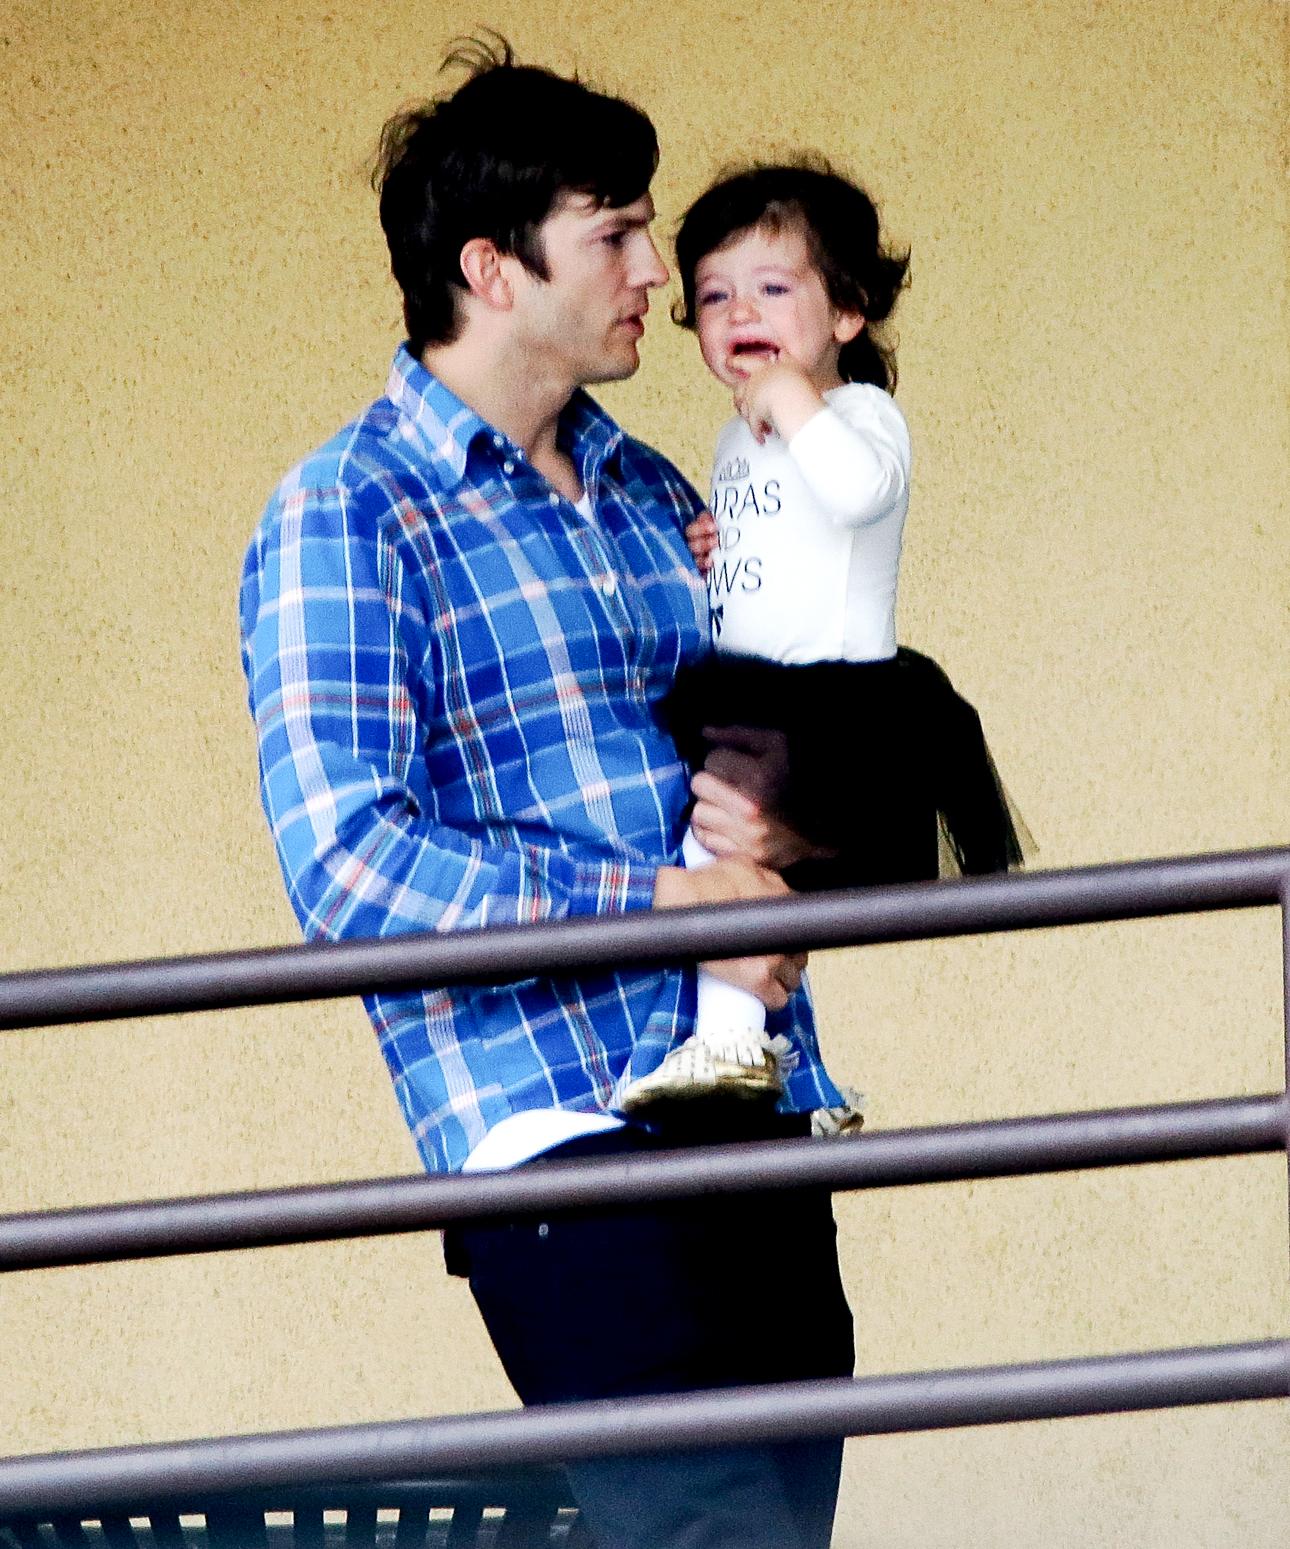 La Hija De Ashton Kutcher Y Mila Kunis Hace Berrinche